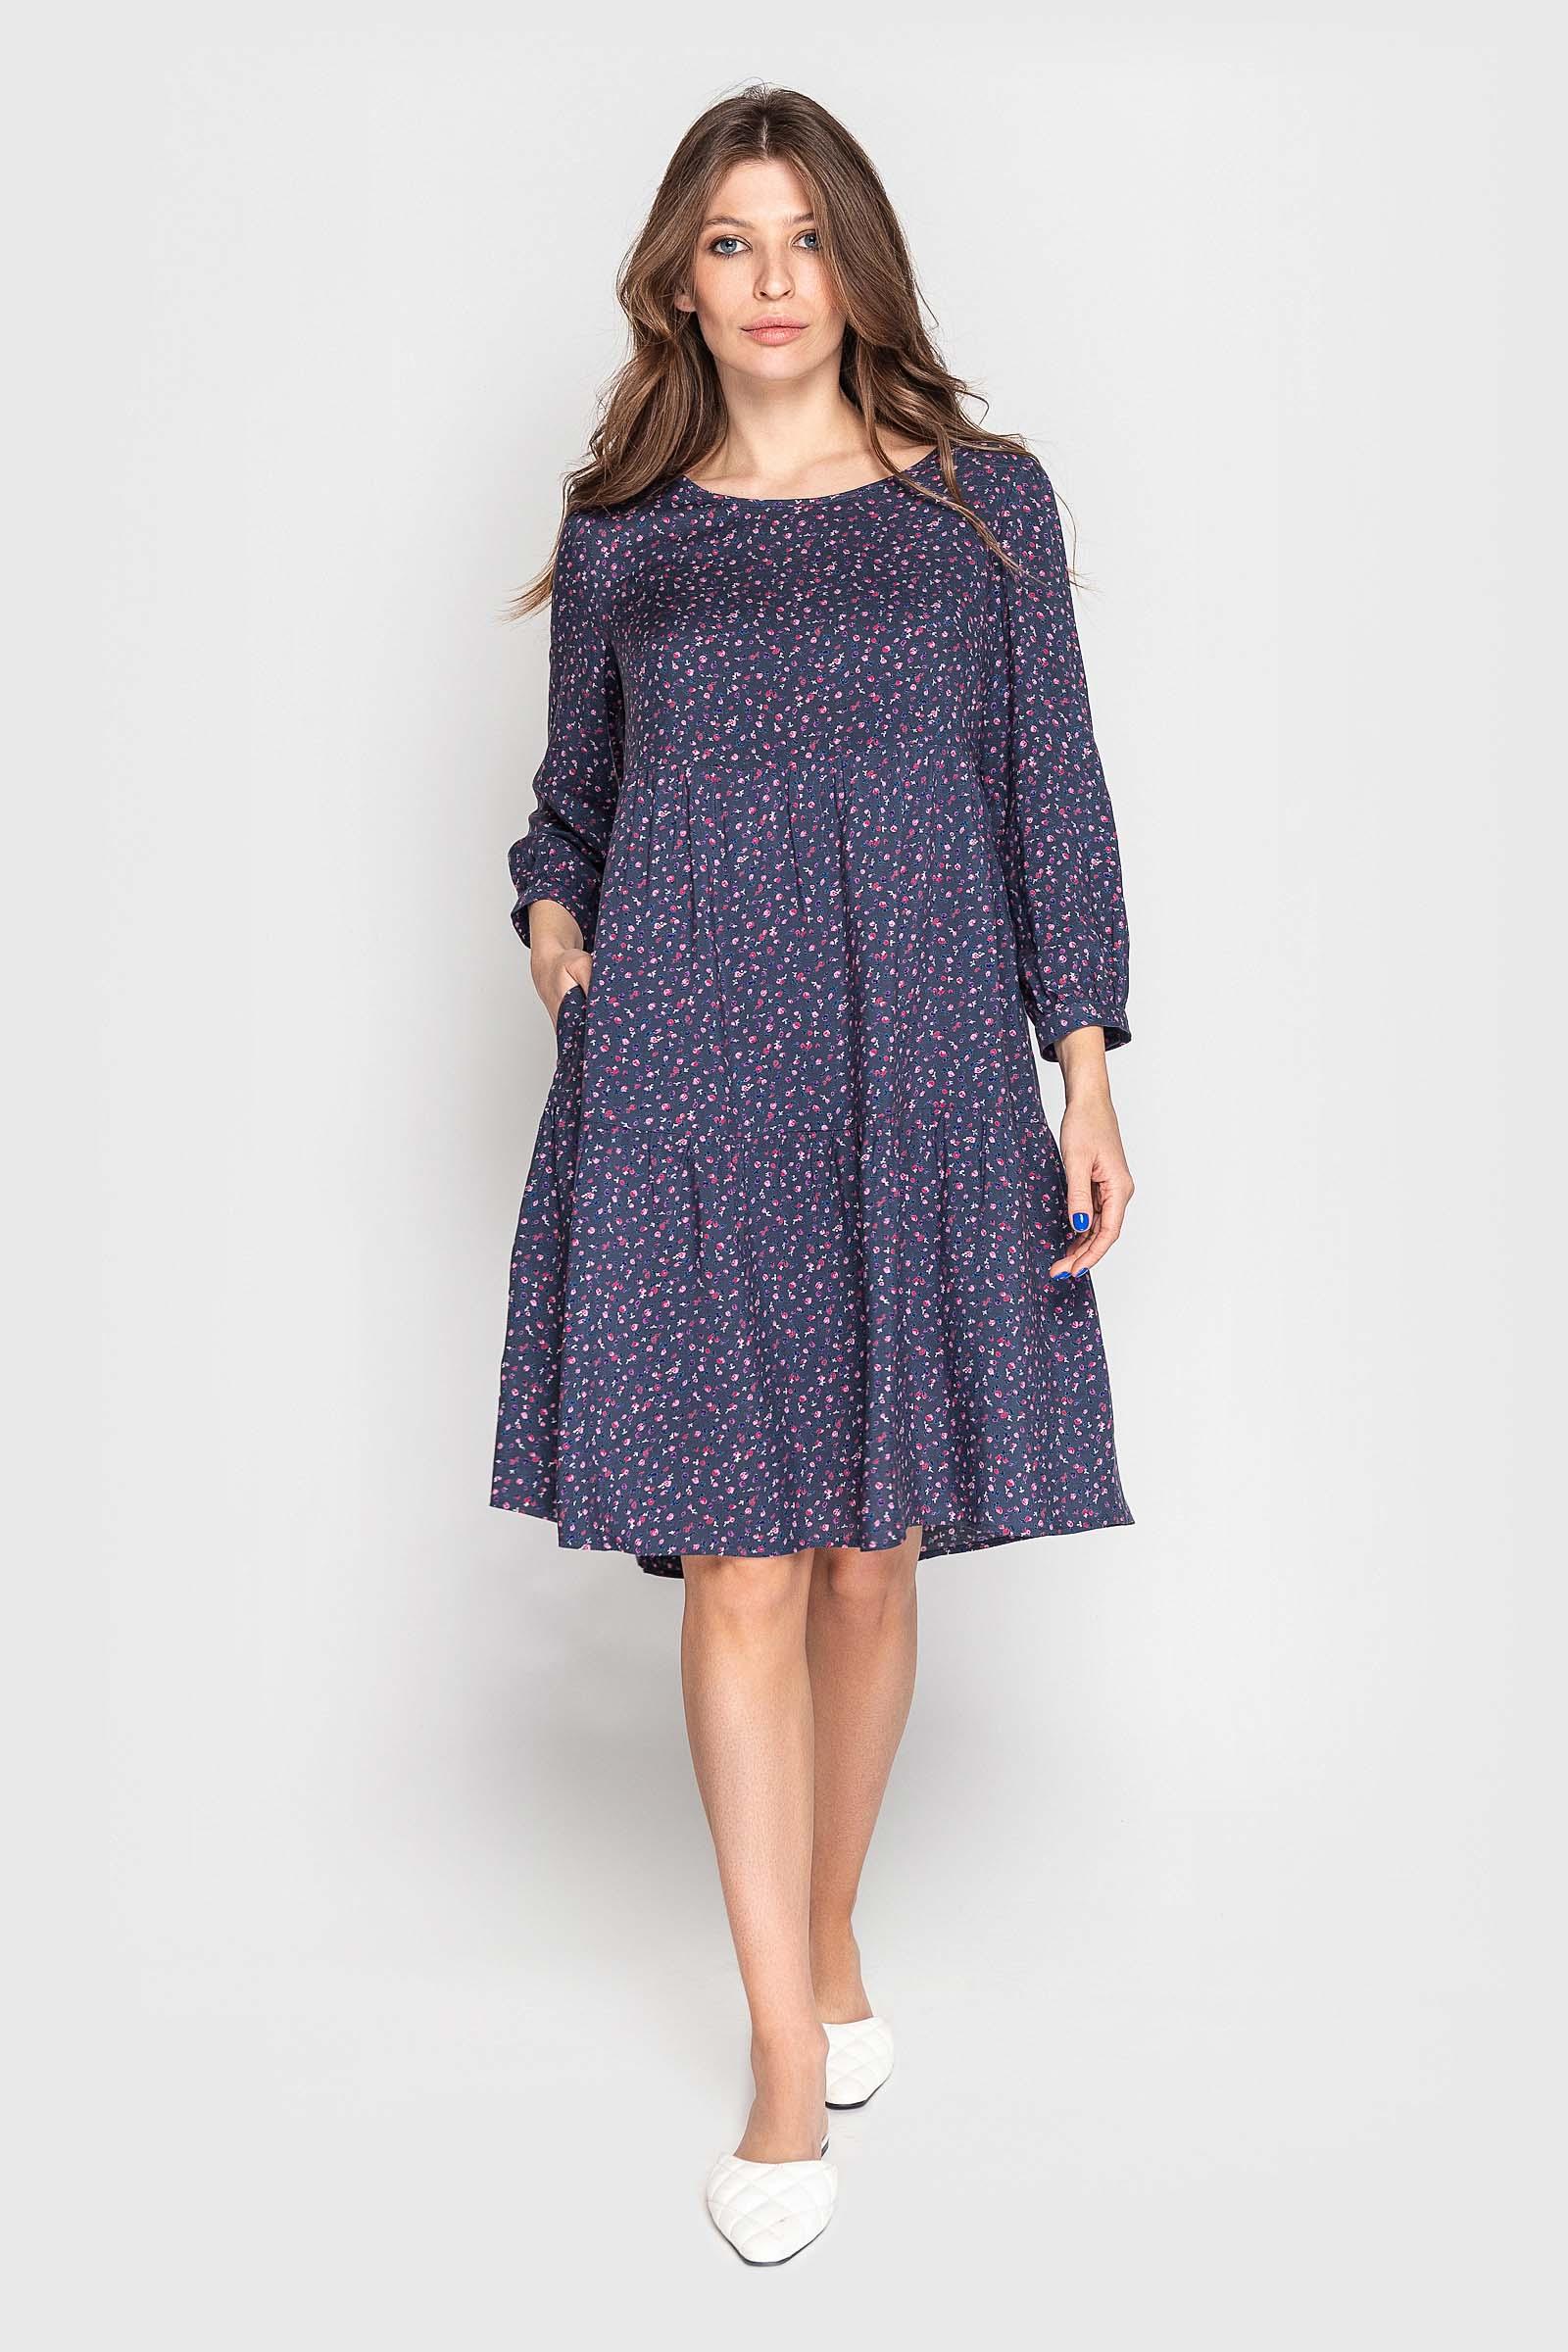 2021 04 10 poltava30962 Купить платье